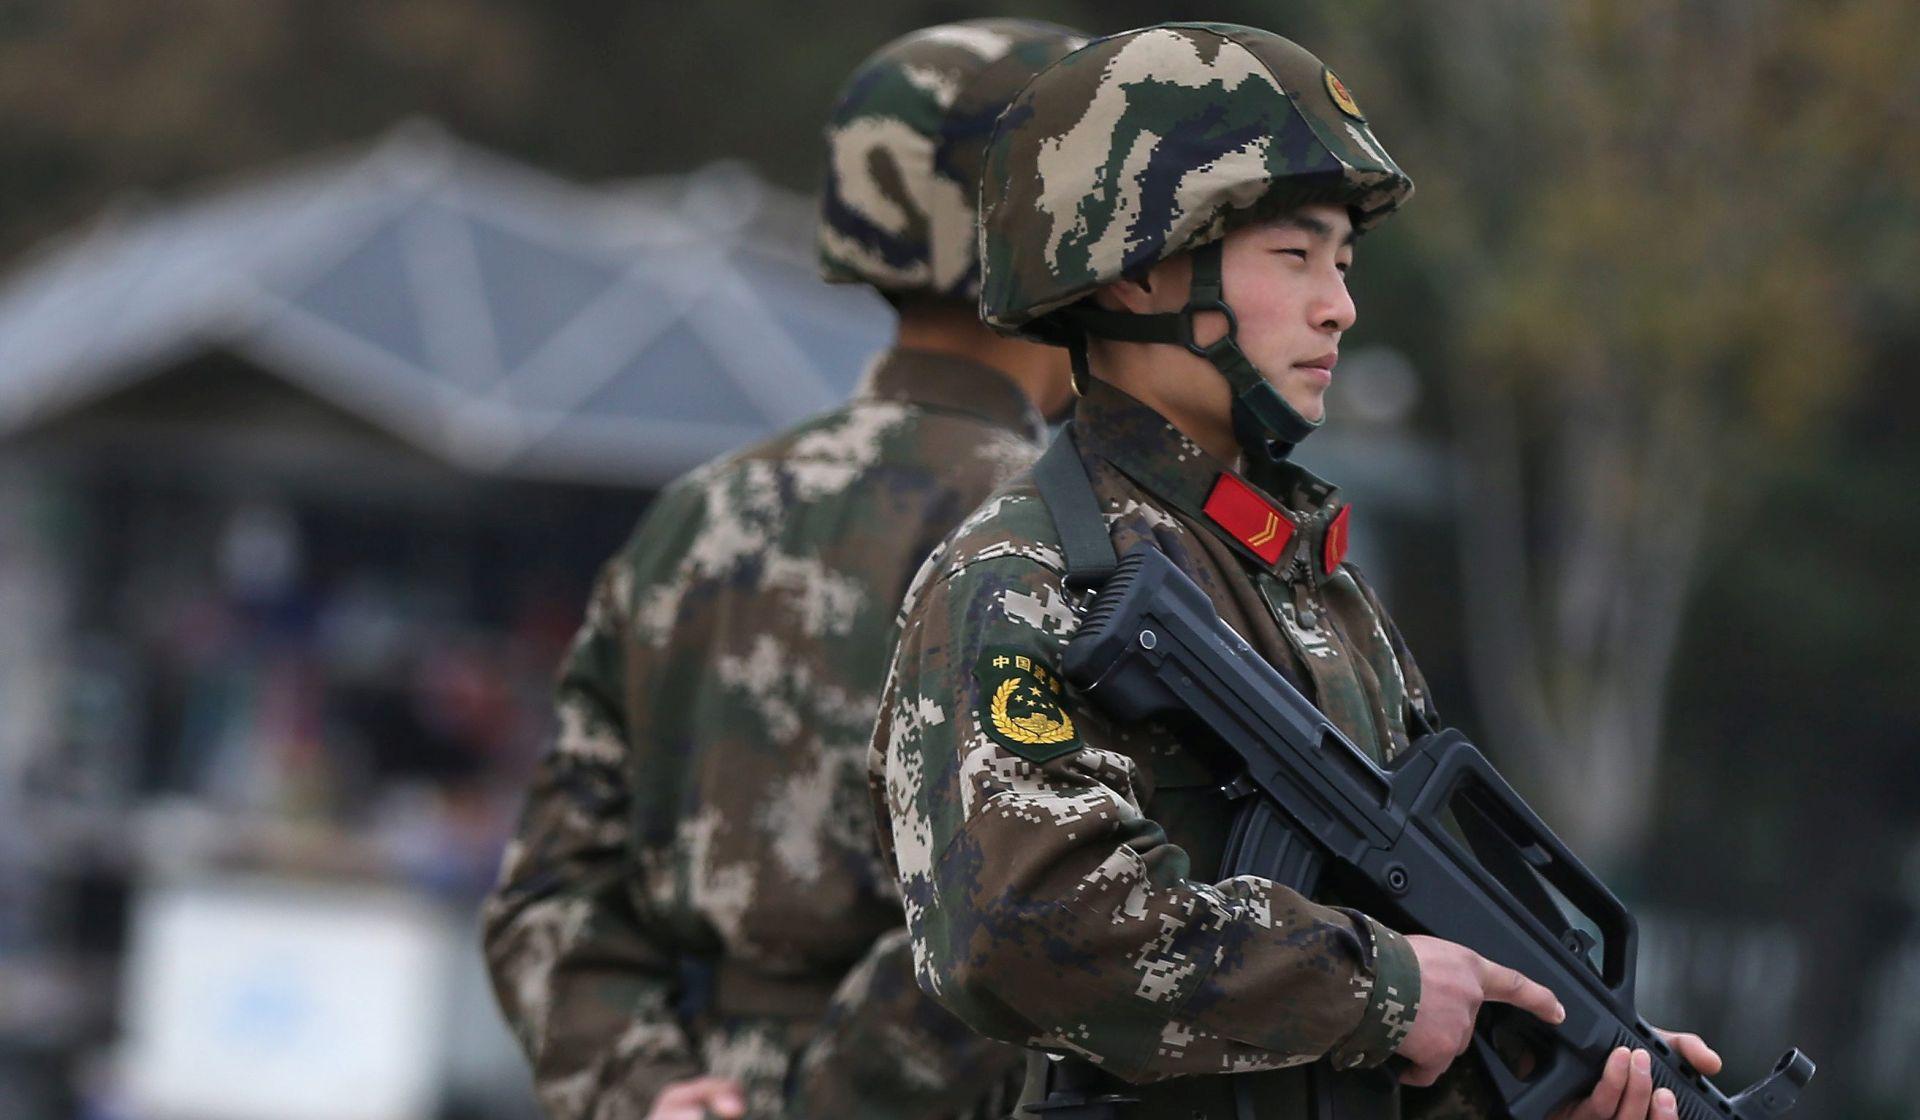 STOTINU UHIĆENIH Kineska policija razbila najveću ilegalnu bankarsku mrežu